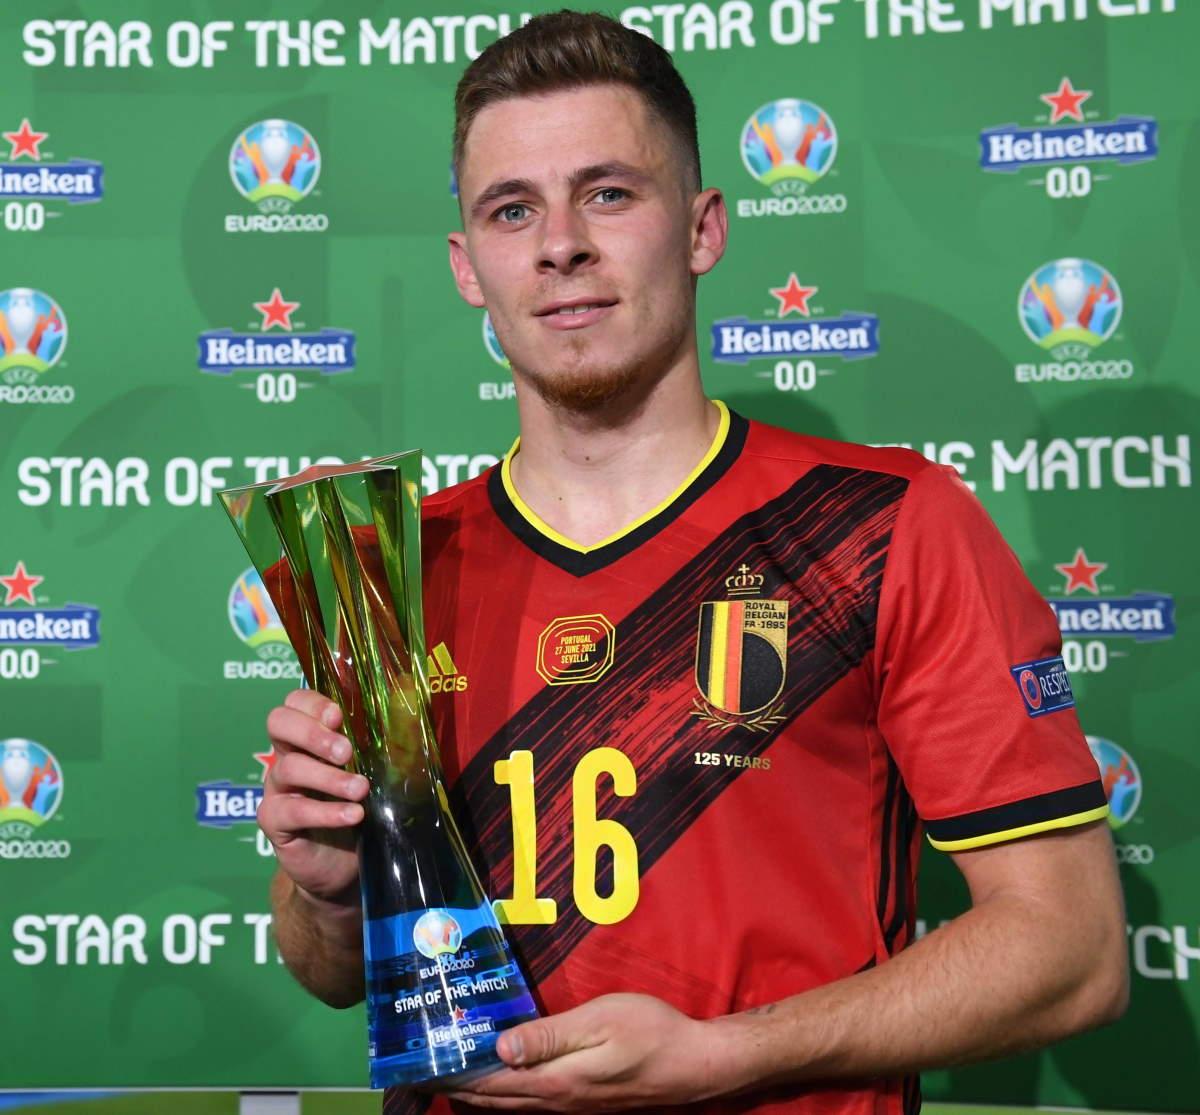 Euro 2020, il Belgio batte il Portogallo per 1-0 e diventa così l'avversario dell'Italia ai quarti